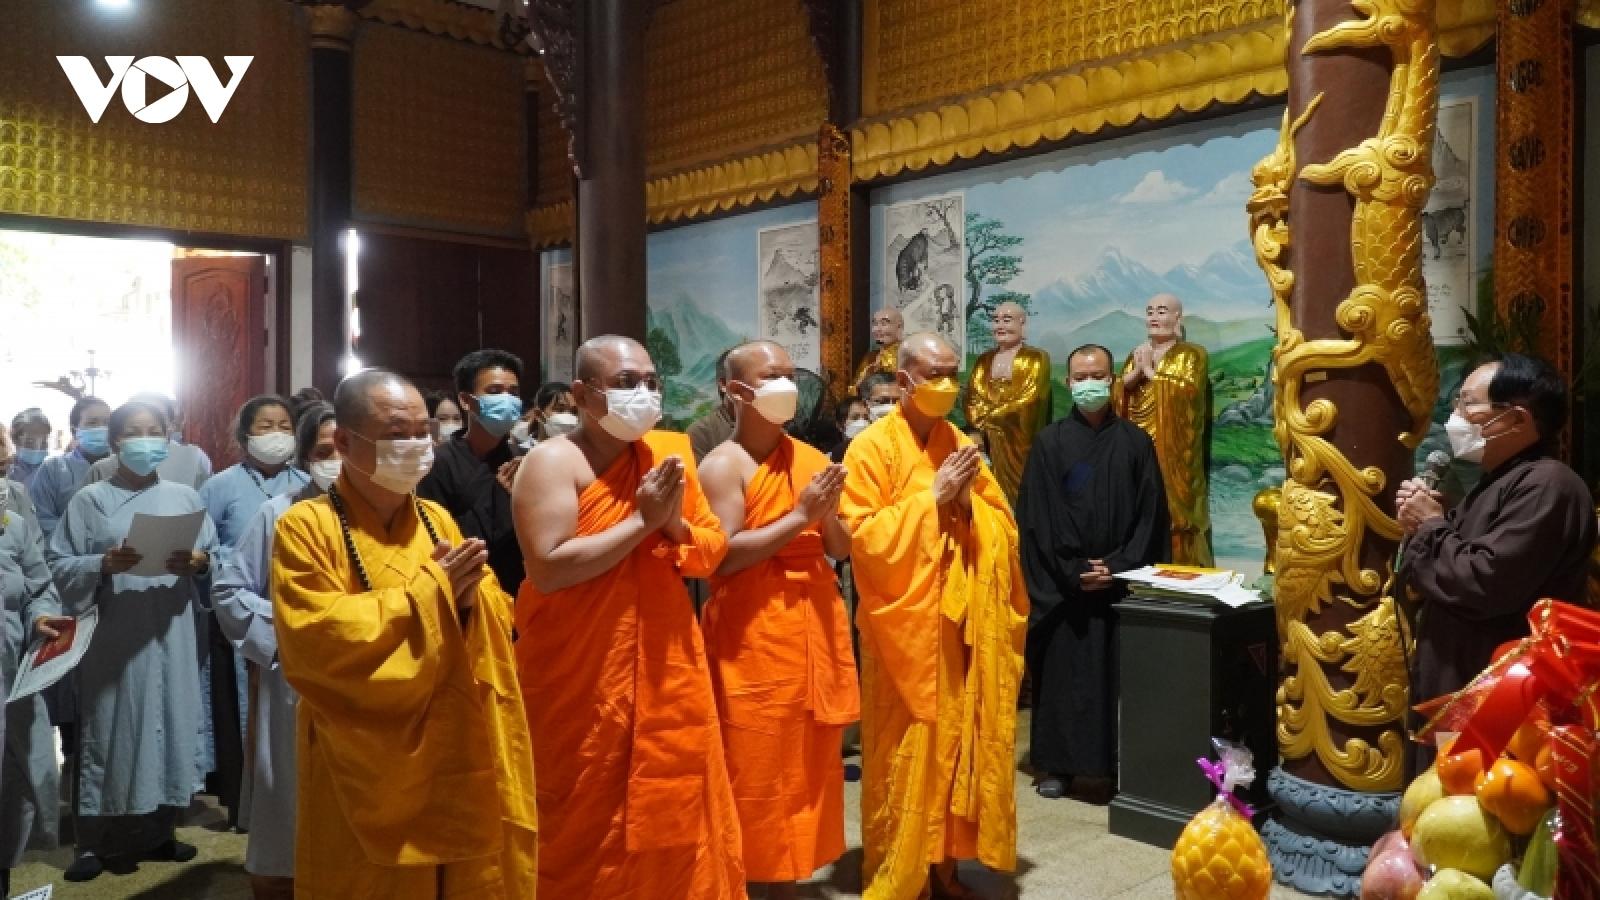 Chùa Phật tích Vientiane (Lào) tổ chức Lễ truy điệu Đại lão hòa thượng Thích Phổ Tuệ